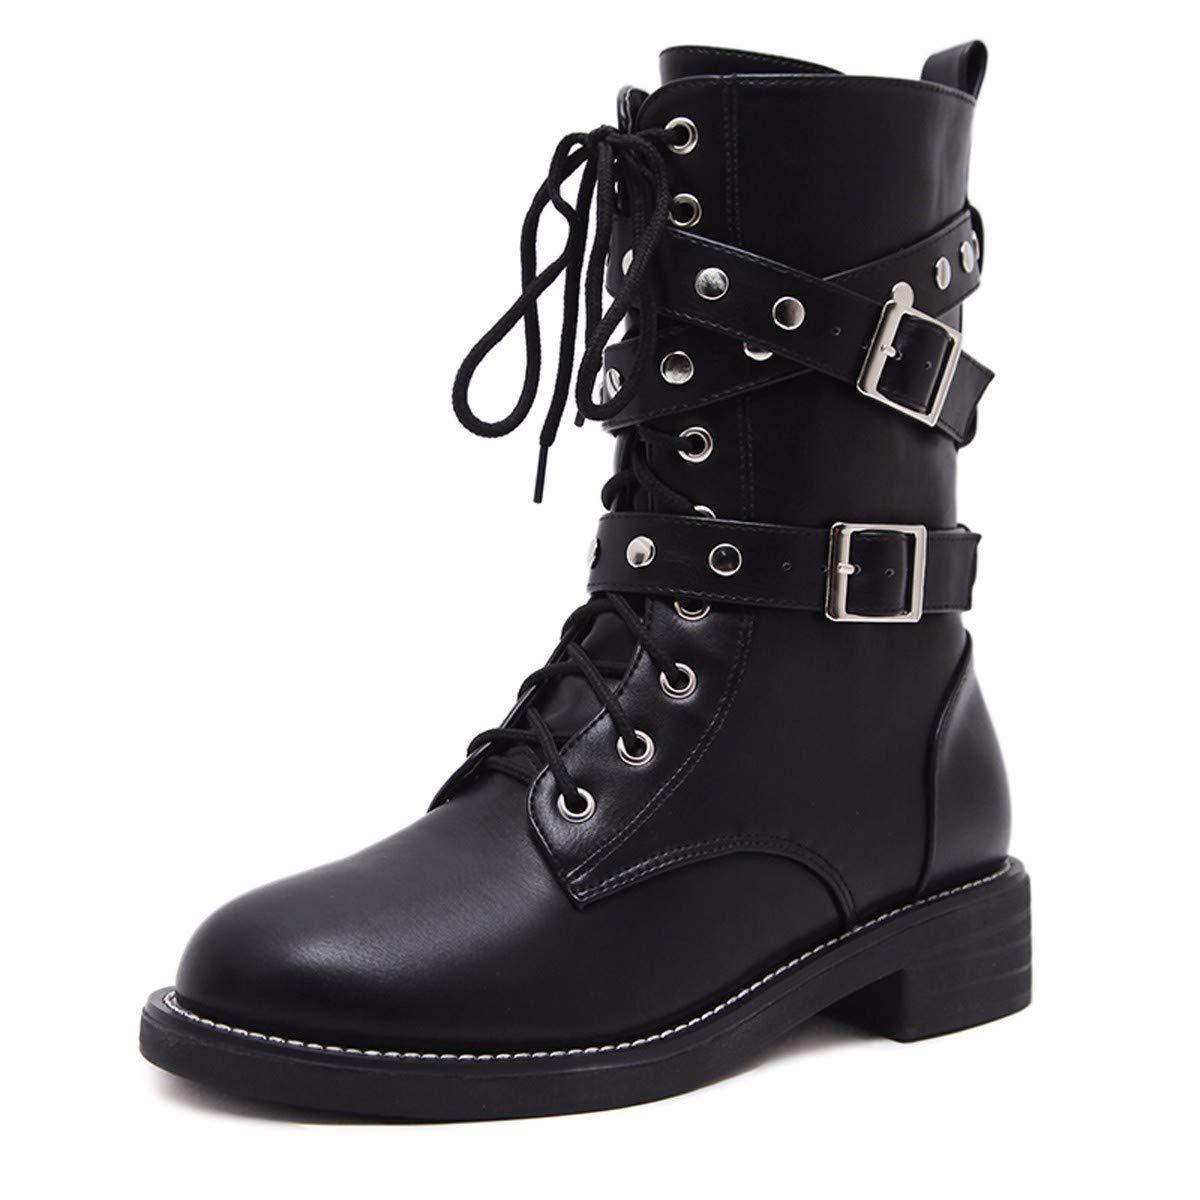 LBTSQ-Mode Damenschuhe Runden Kopf Chelsea - Stiefel Mit Hohen cm Flach Unten Kurzes Röhrchen Nieten Gut Aussehend Dicke Hintern Mode - Stiefel.